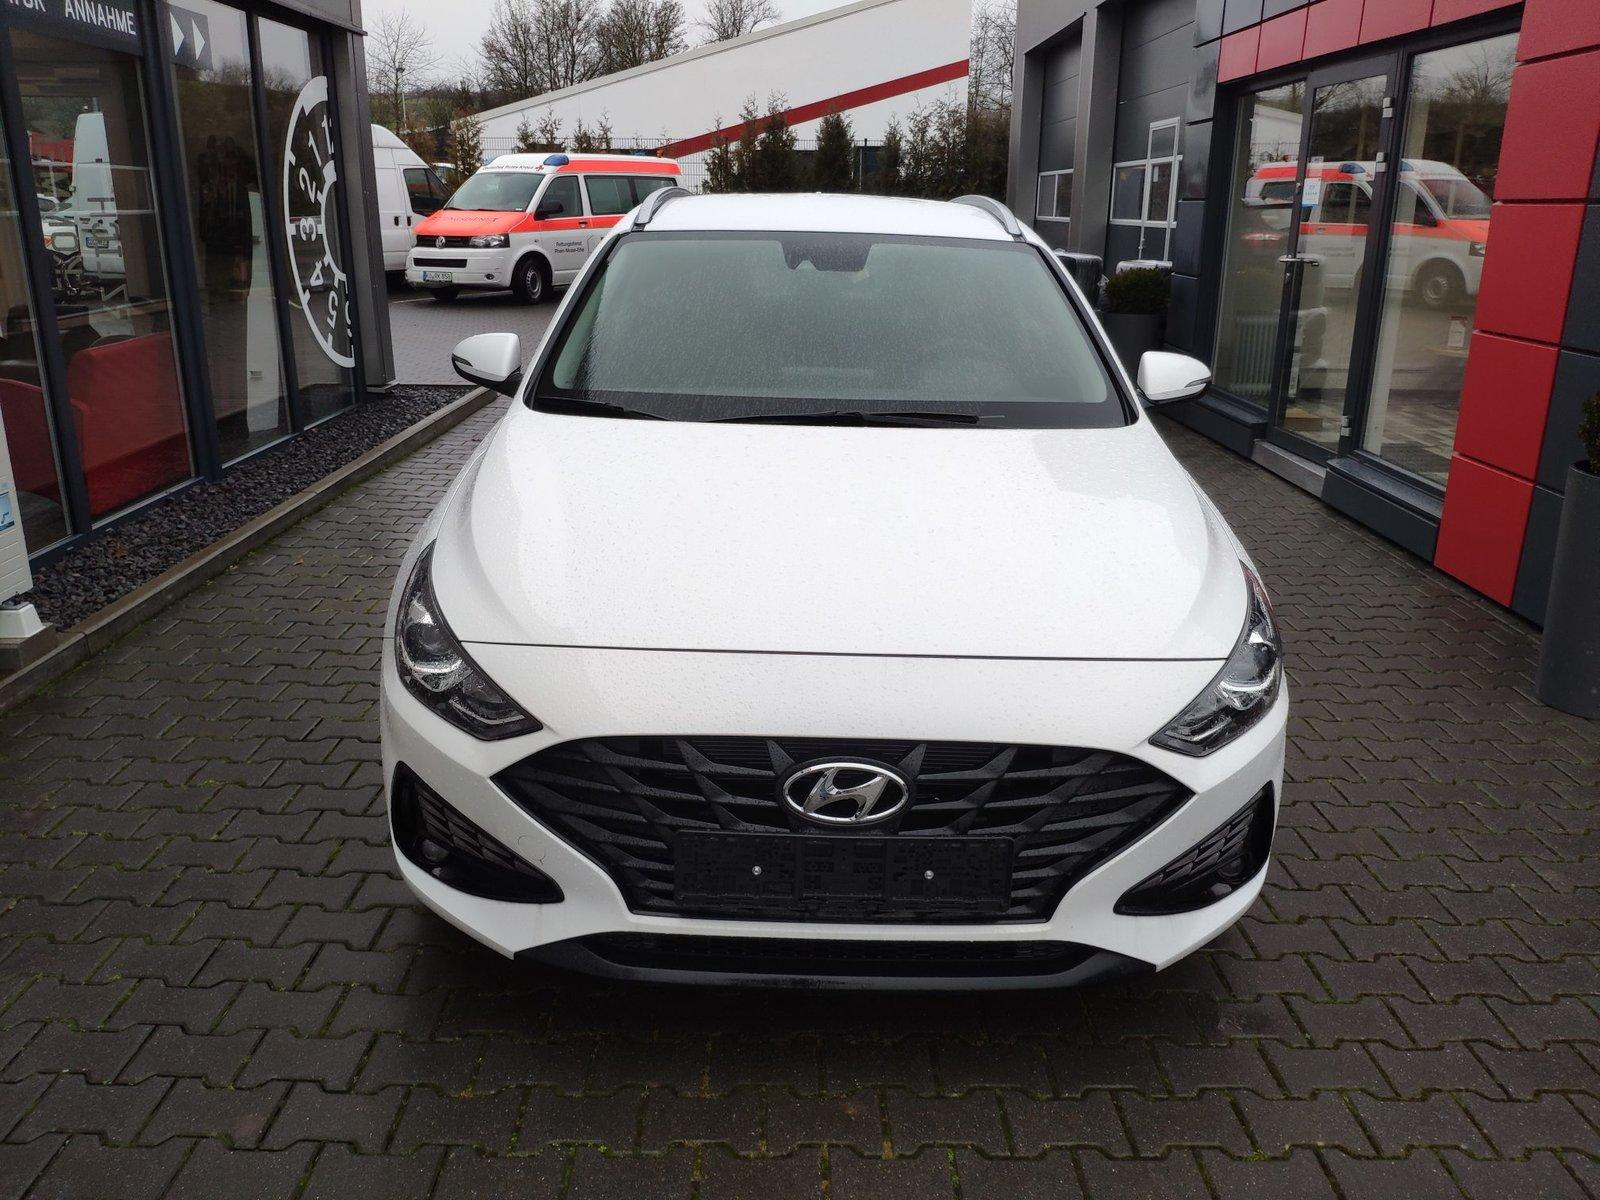 Hyundai i30 Kombi 159 PS AT n. Modell! LED*Cam*Nav